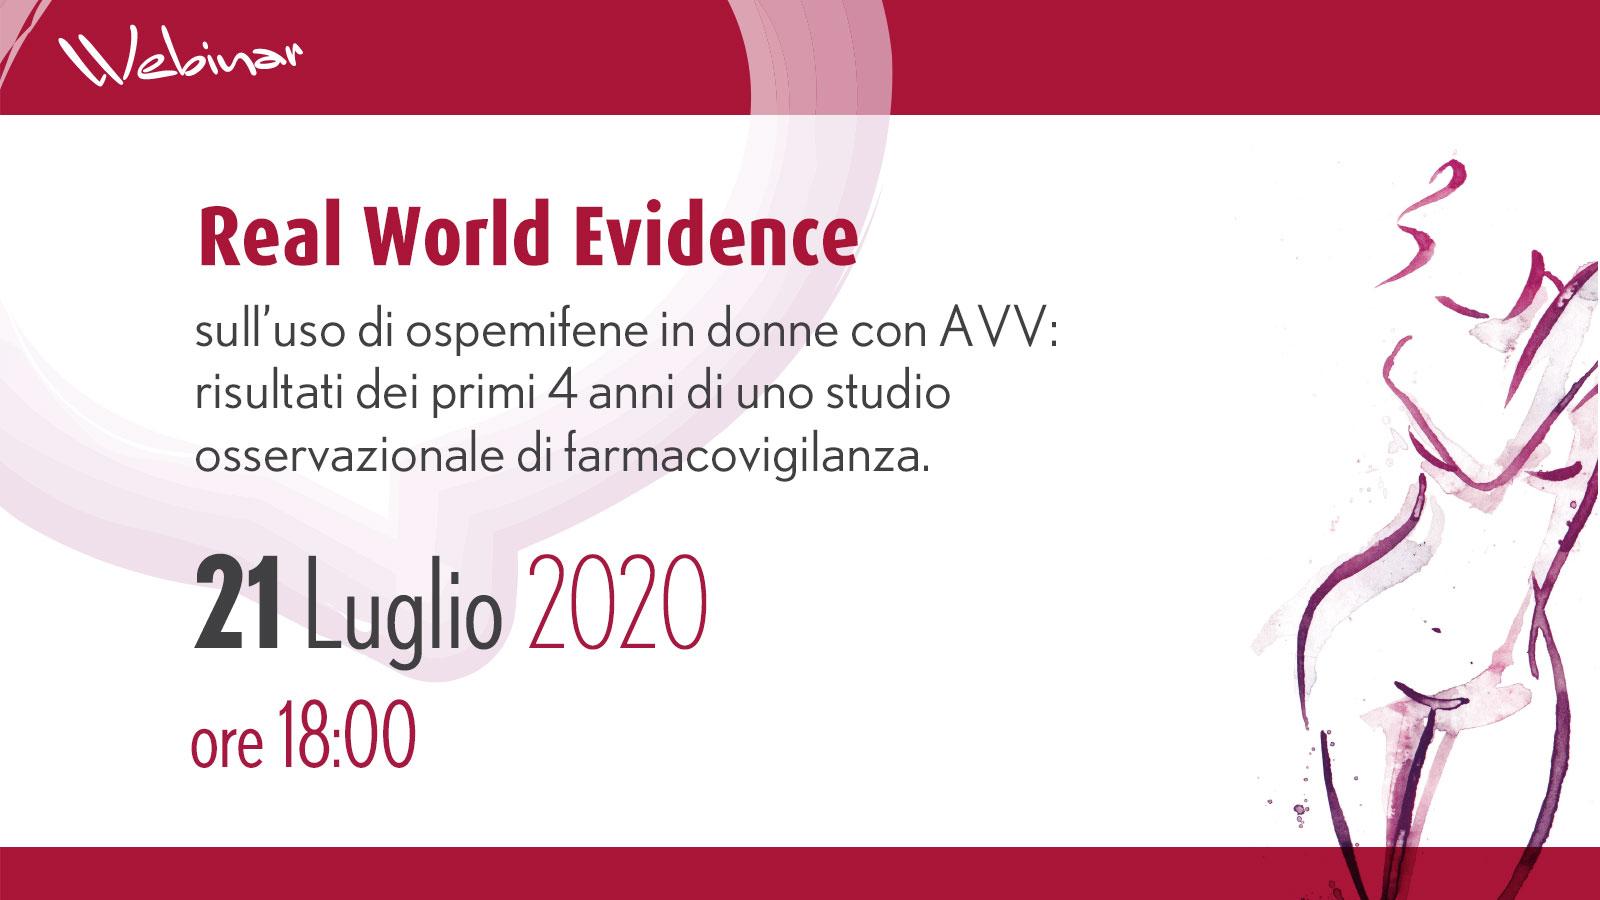 Real World Evidence sull'uso di ospemifene in donne con AVV: risultati dei primi 4 anni di uno studio osservazionale di farmacovigilanza